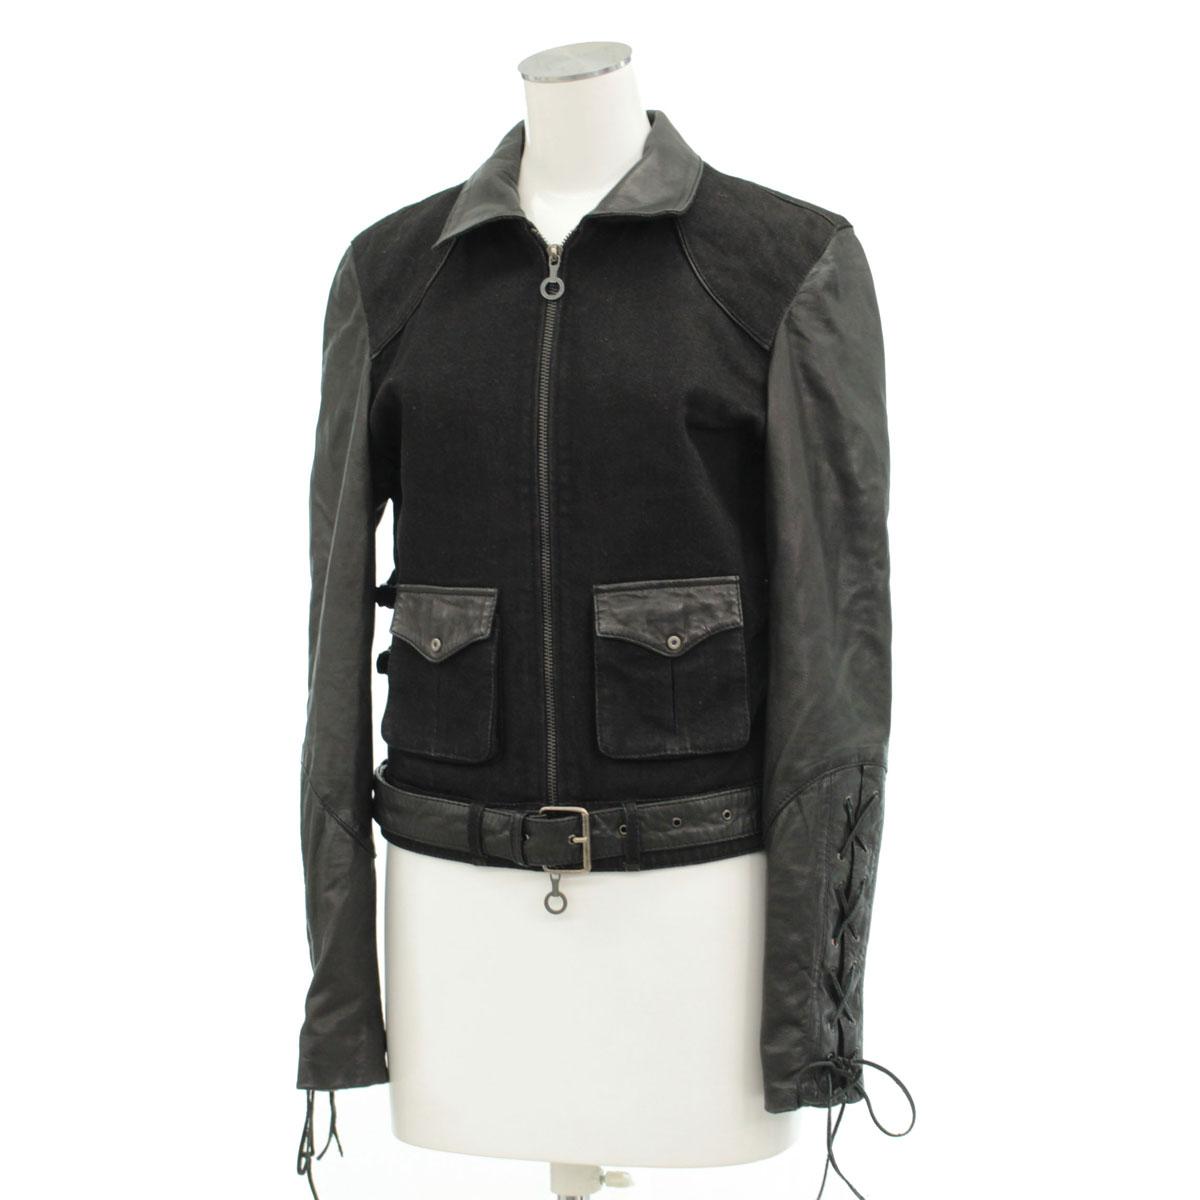 【中古】◆ディーゼルブラックゴールド ライダースジャケット Sサイズ◆ black /黒/ブラック/レザー/DIESEL BlackGold/レディース/アウター